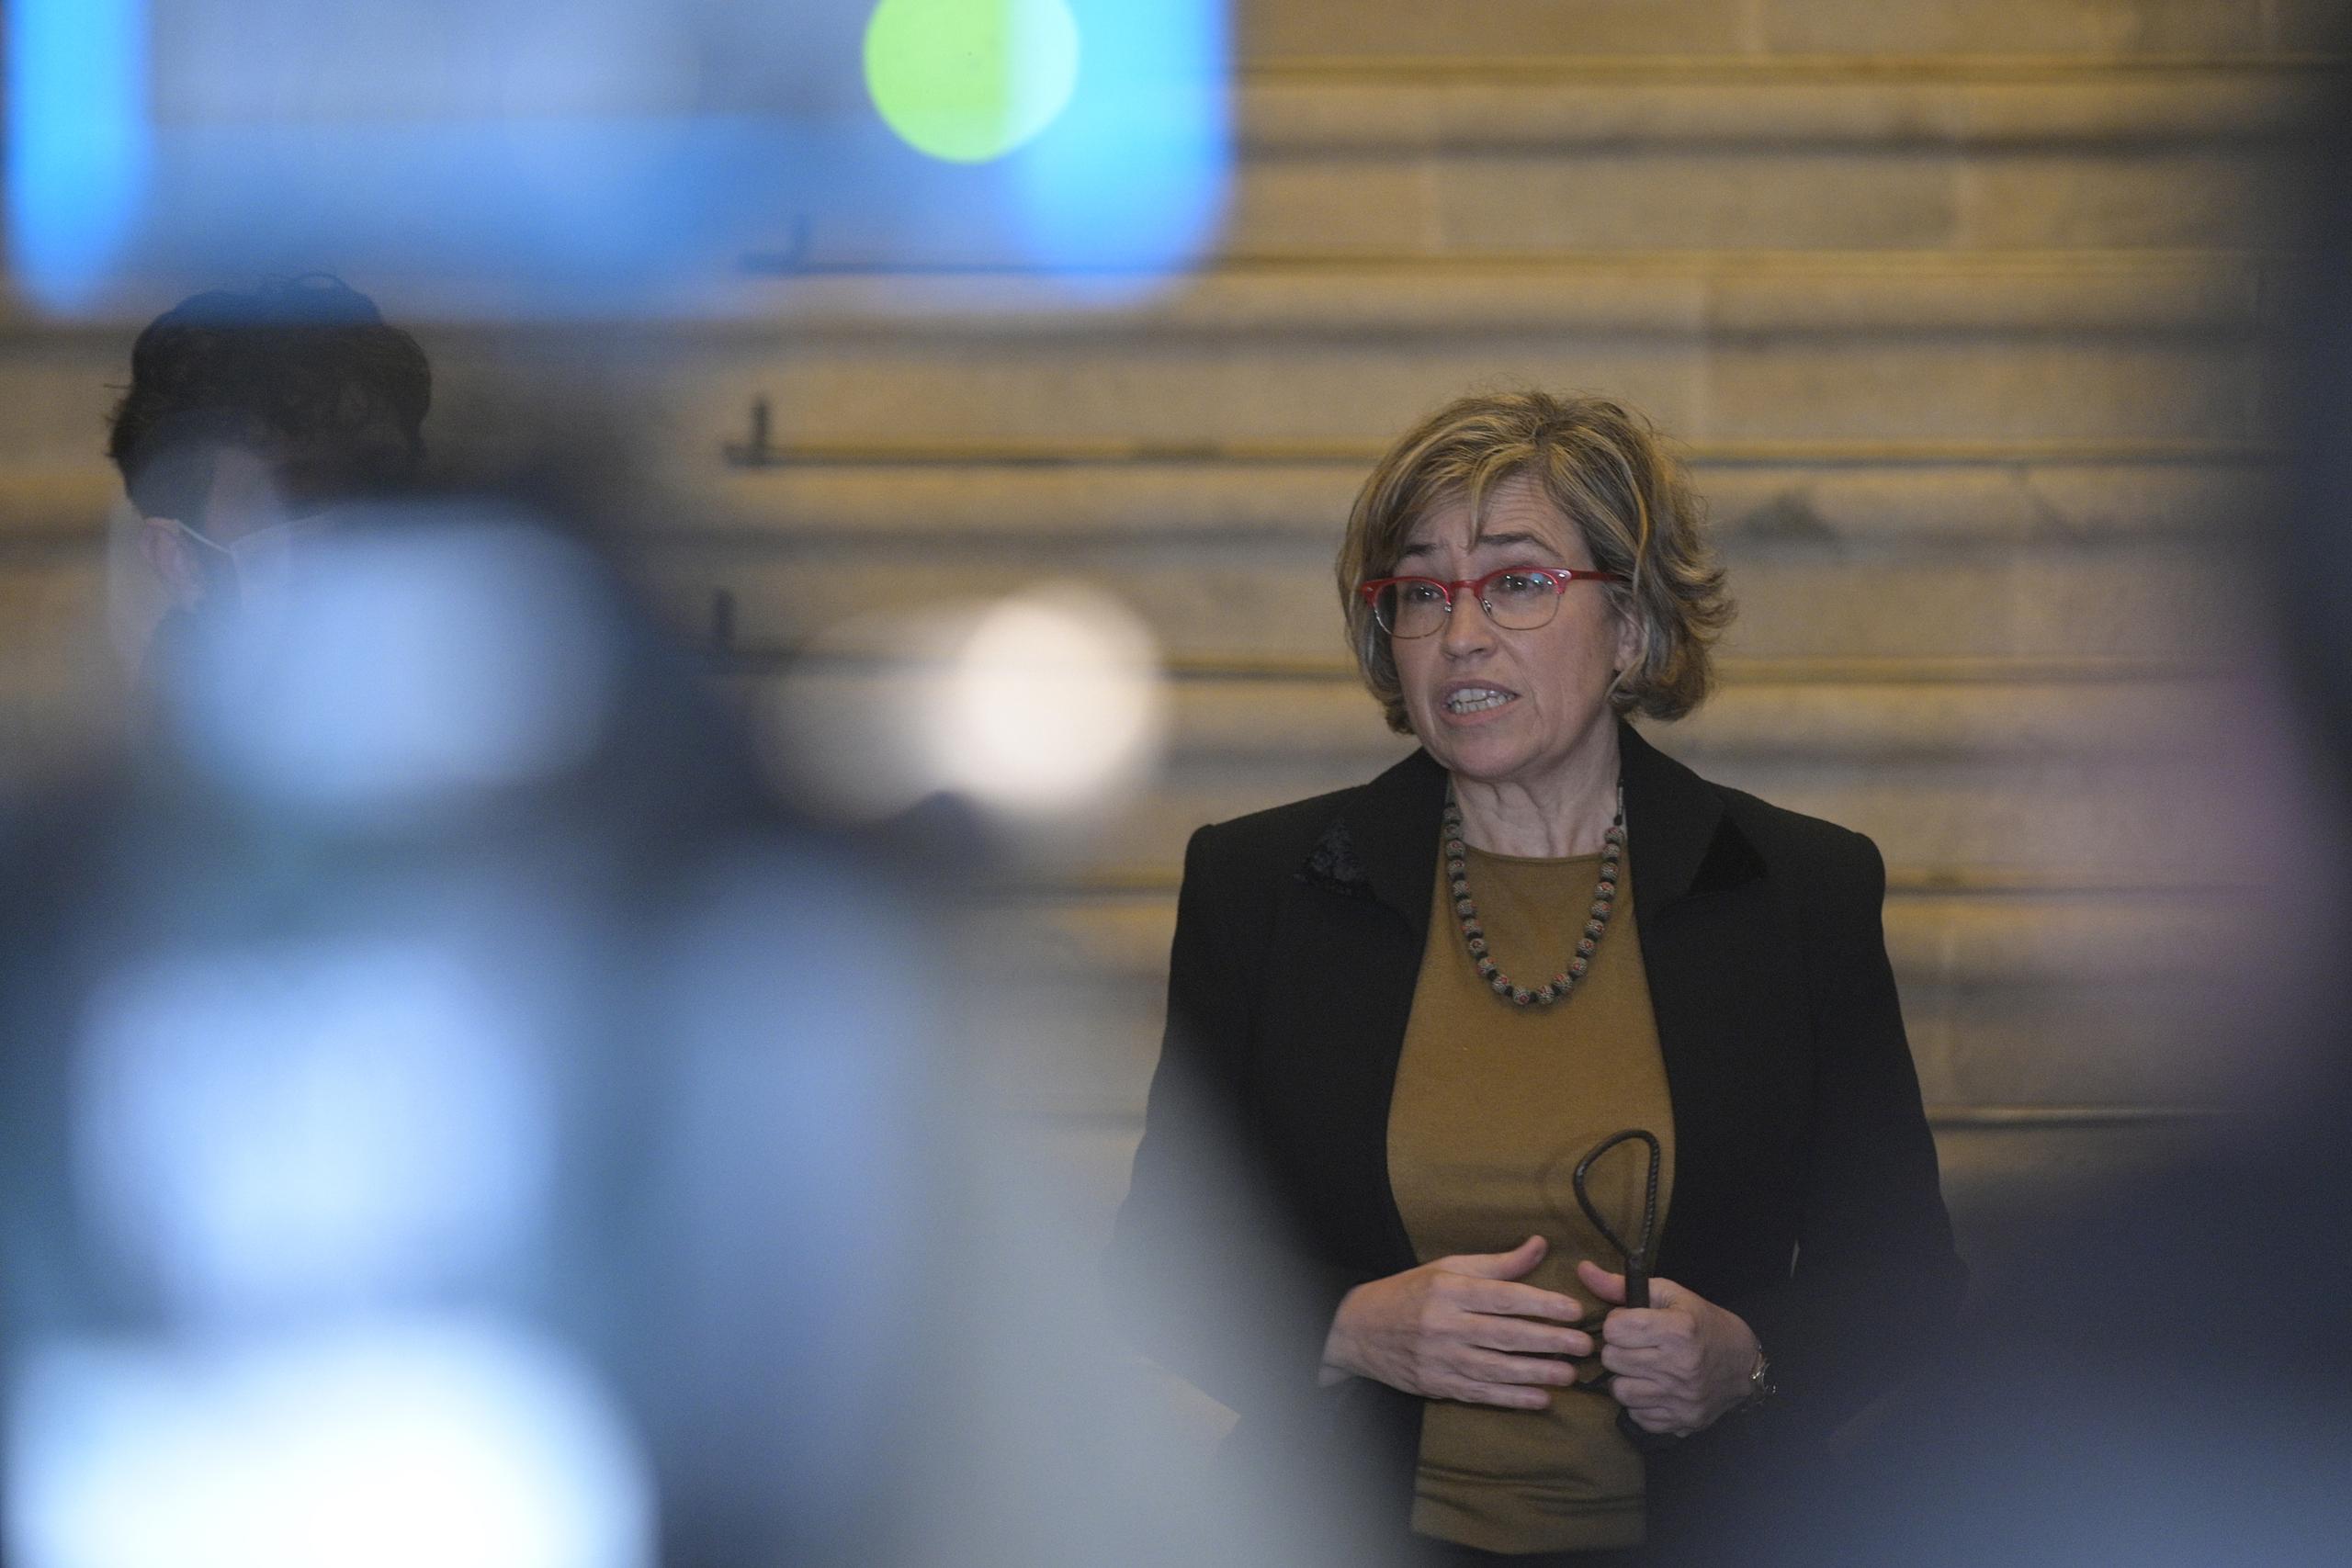 L'advocada general de l'Estat, Consuelo Castro, en una imatge d'arxiu / Europa Press